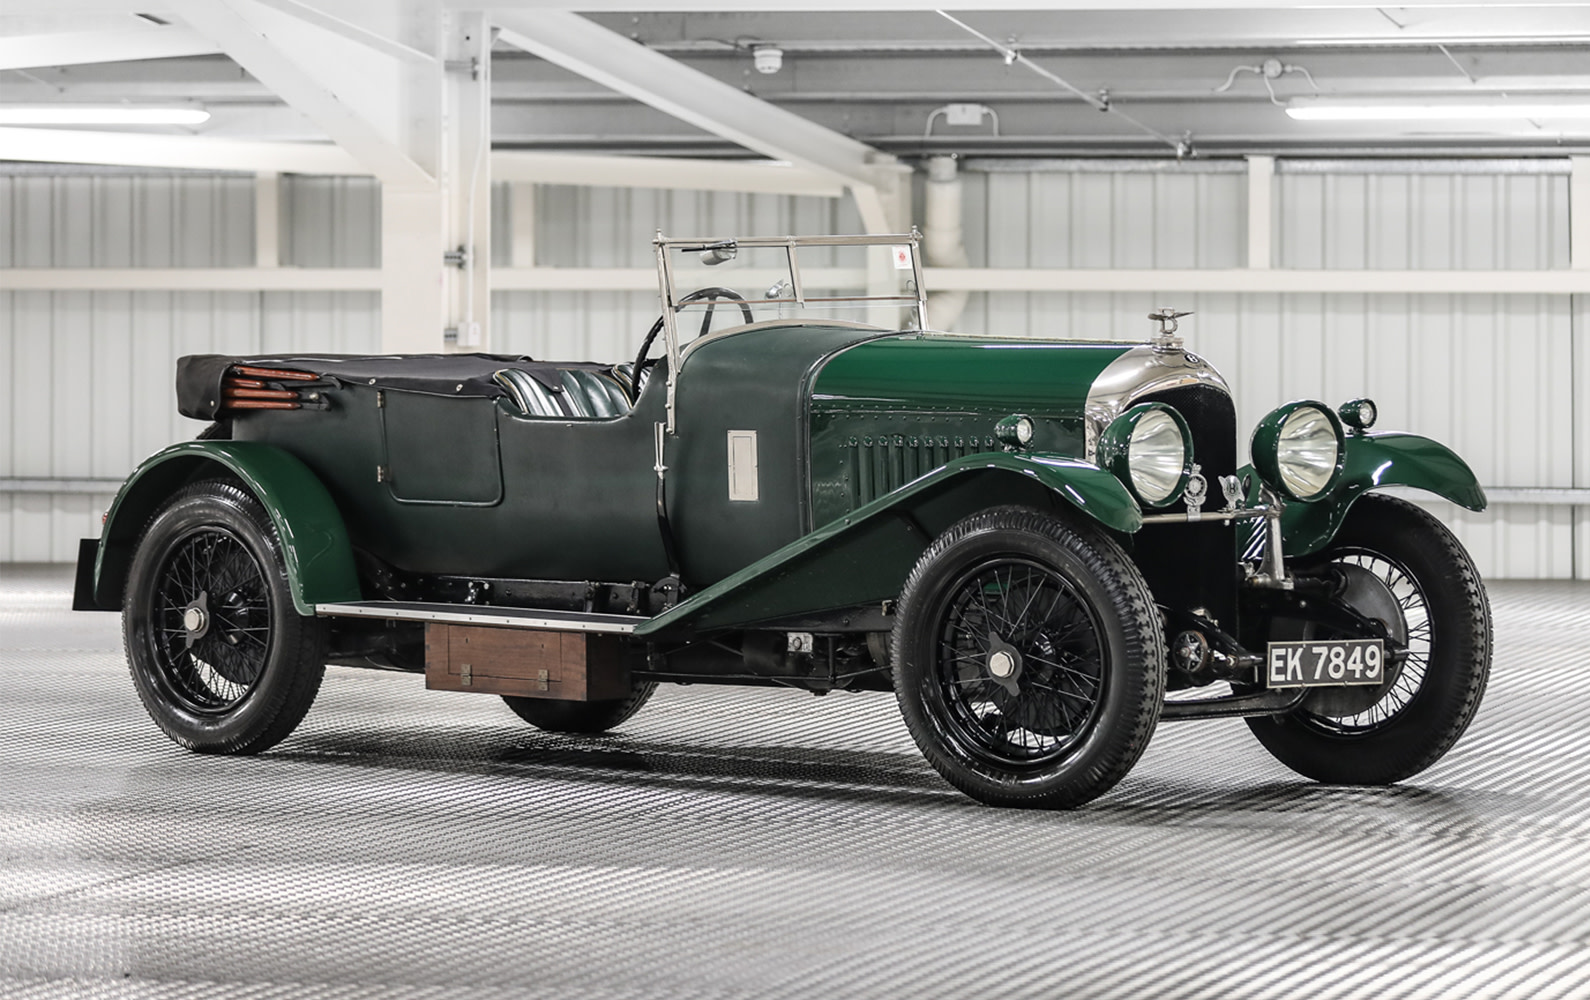 Prod/O21B - UK 2021/1930 Bentley 4 1-2 Litre Sports Tourer/Bentley_4_1.2_VDP-02_smqqku